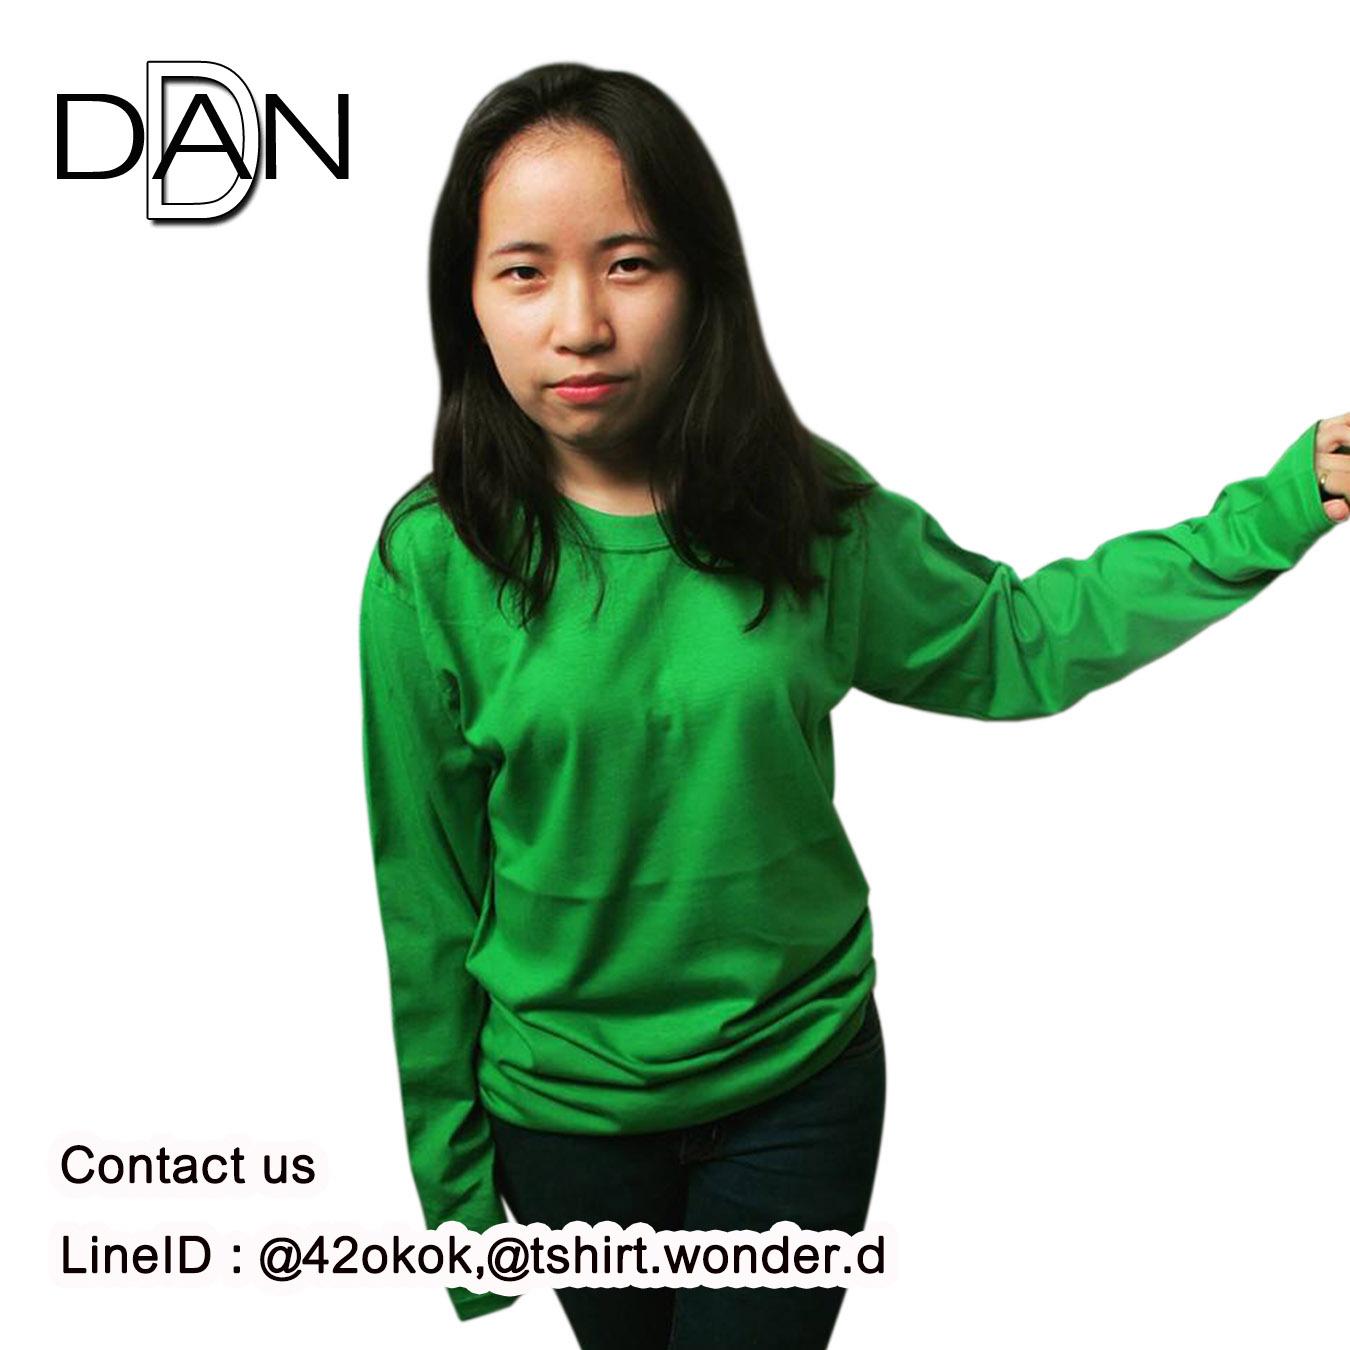 เสื้อยืดคอกลมแขนยาว สีเขียวไมโล